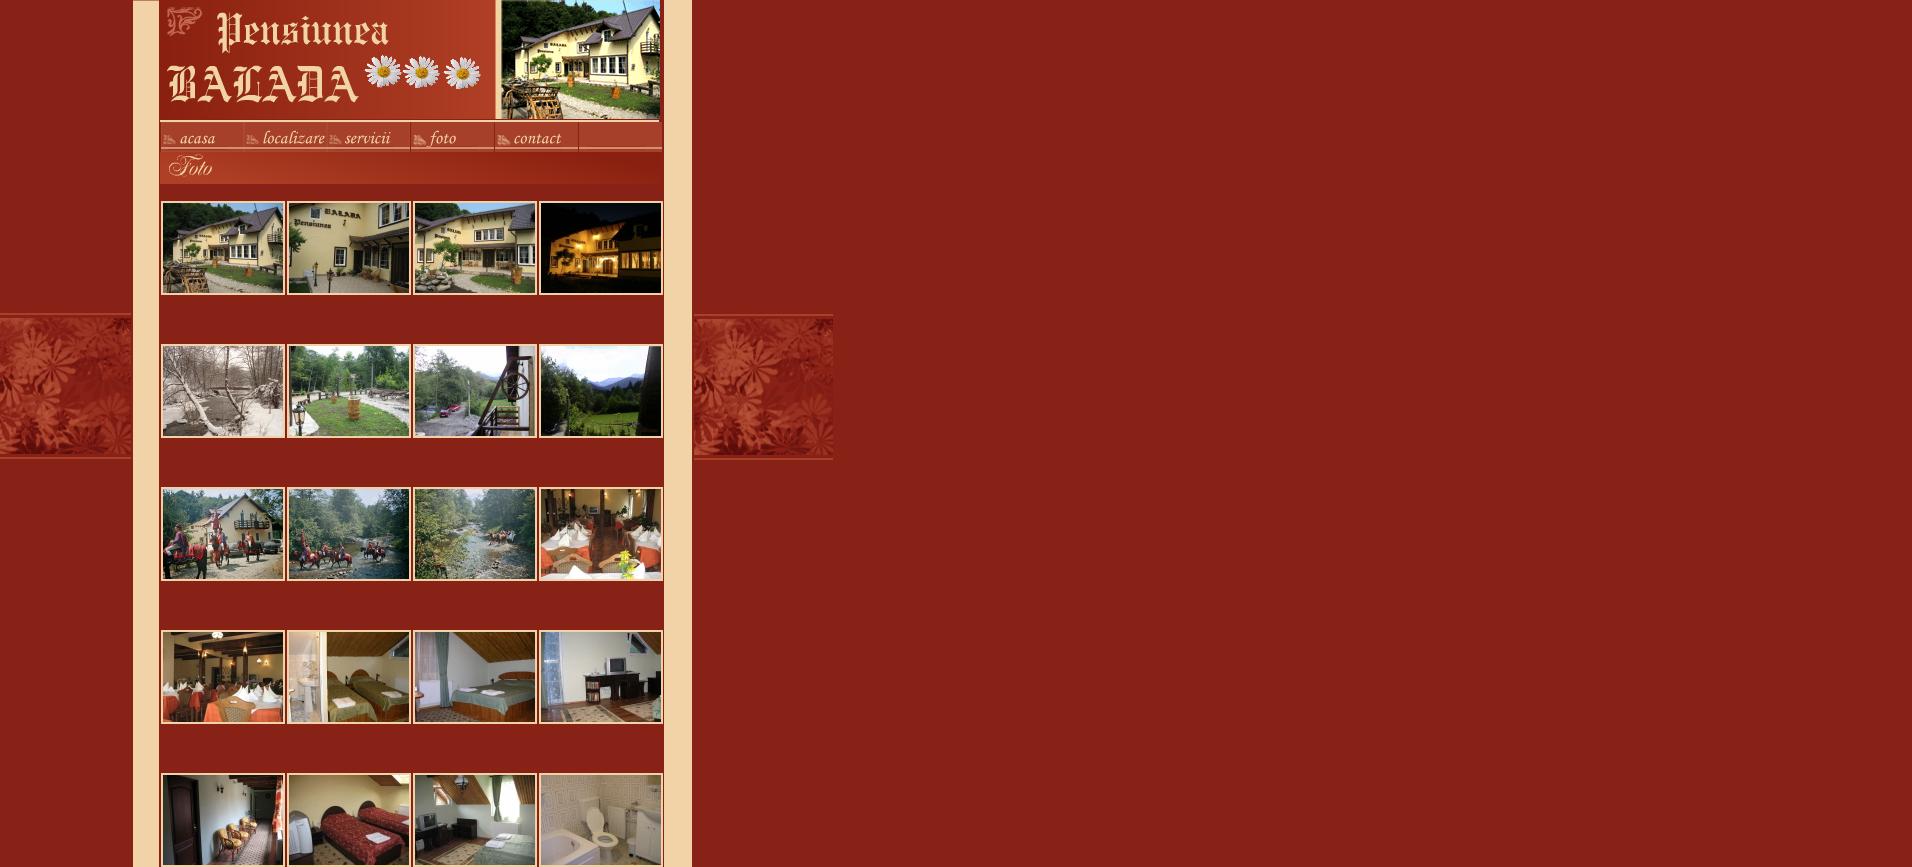 Screen Shot 2014-09-28 at 7.47.18